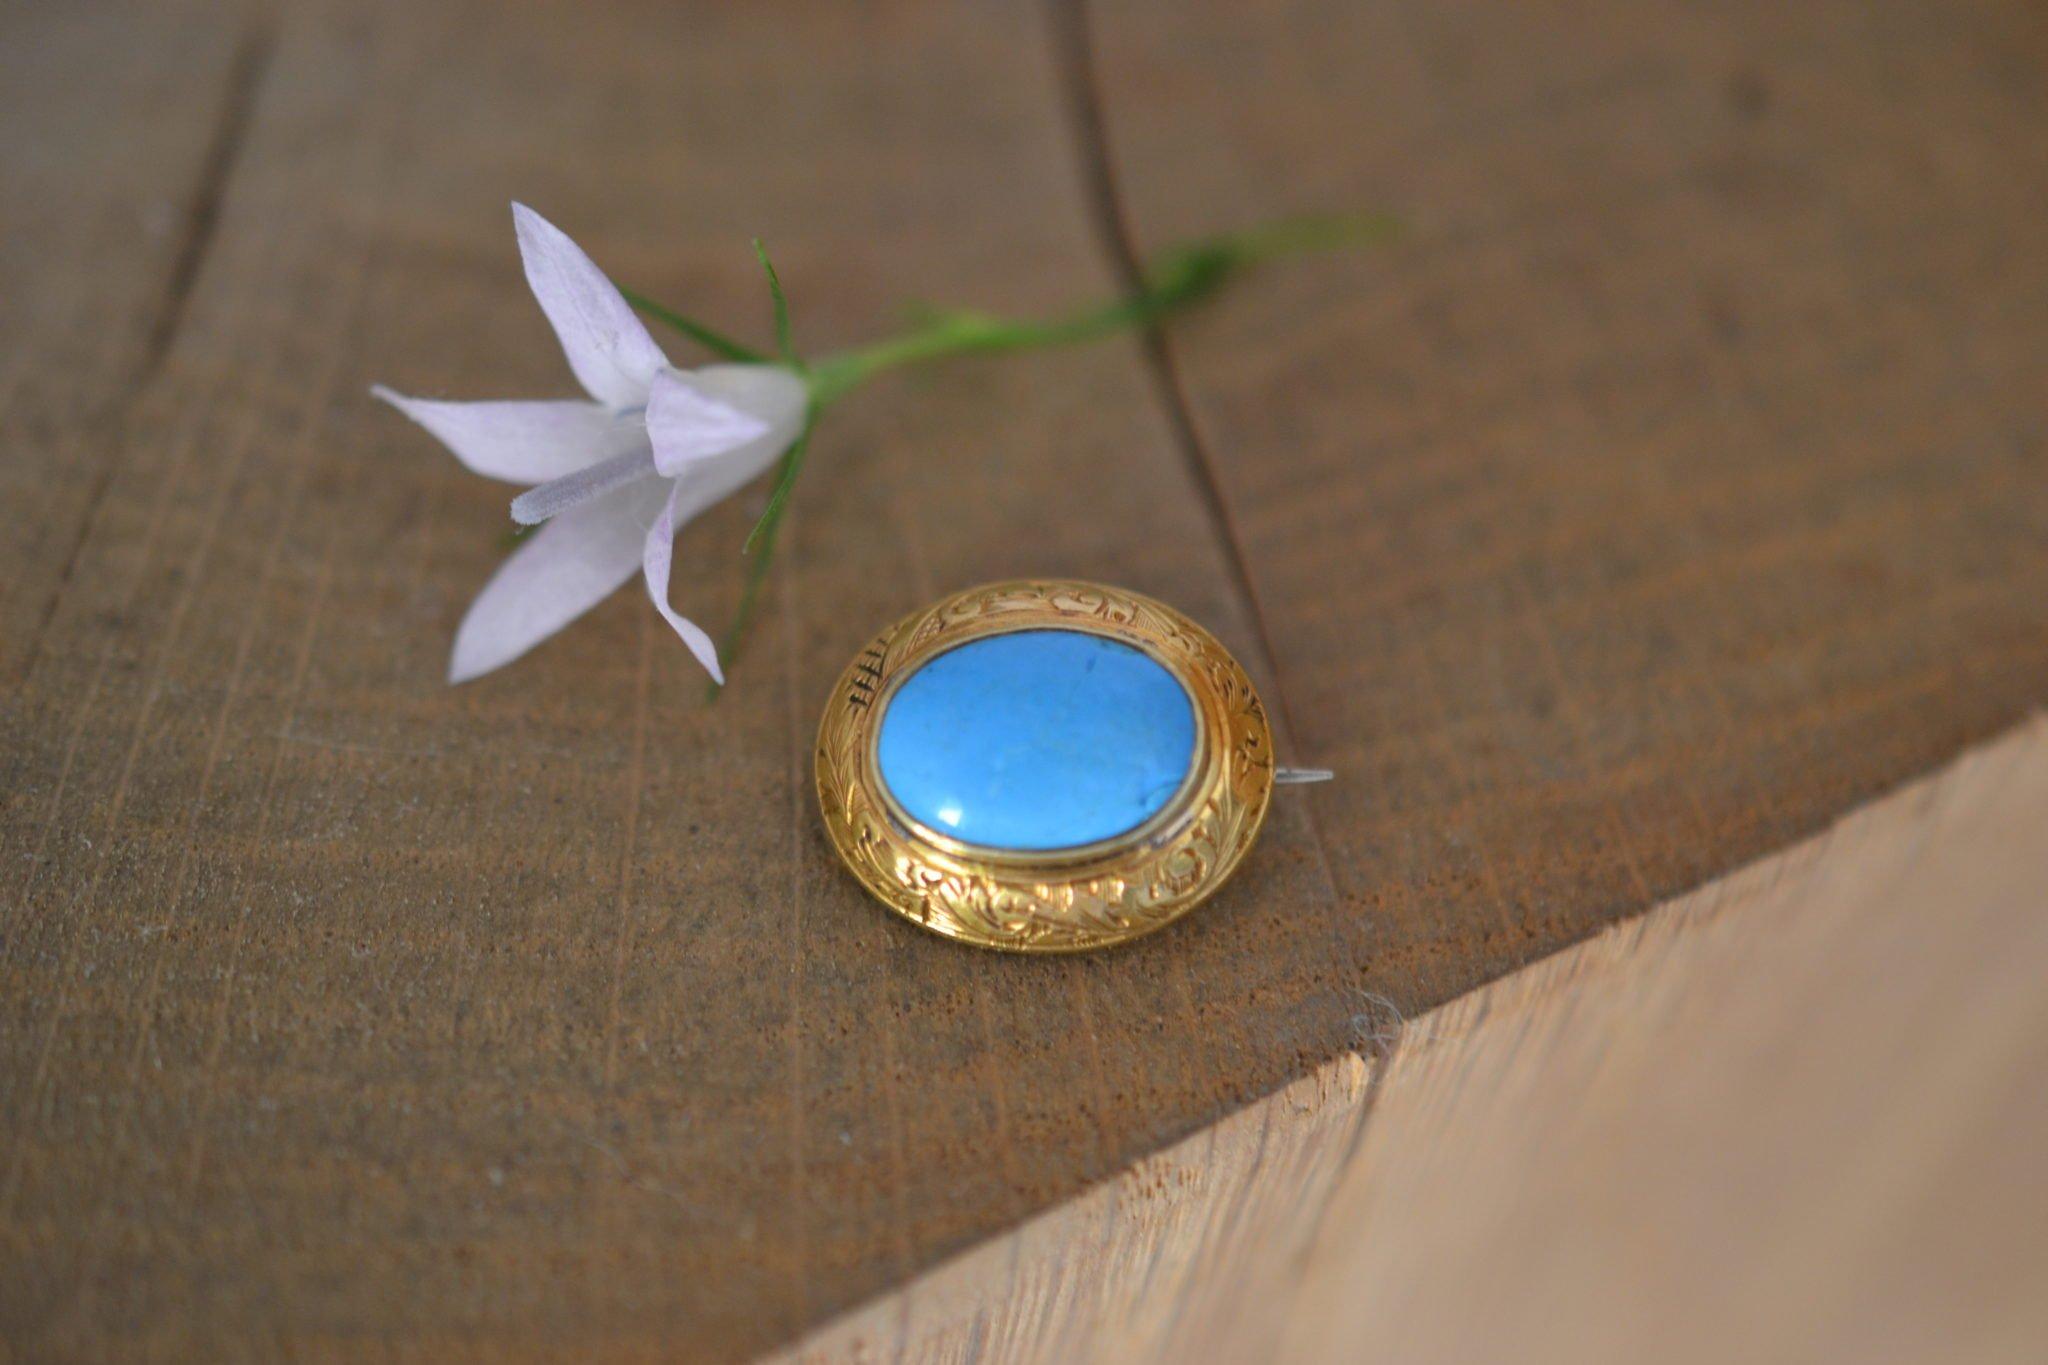 Broche Turquoise Ancienne - En Or 18 Carats - Bijoux Anciens Vintage - Noircarat.fr